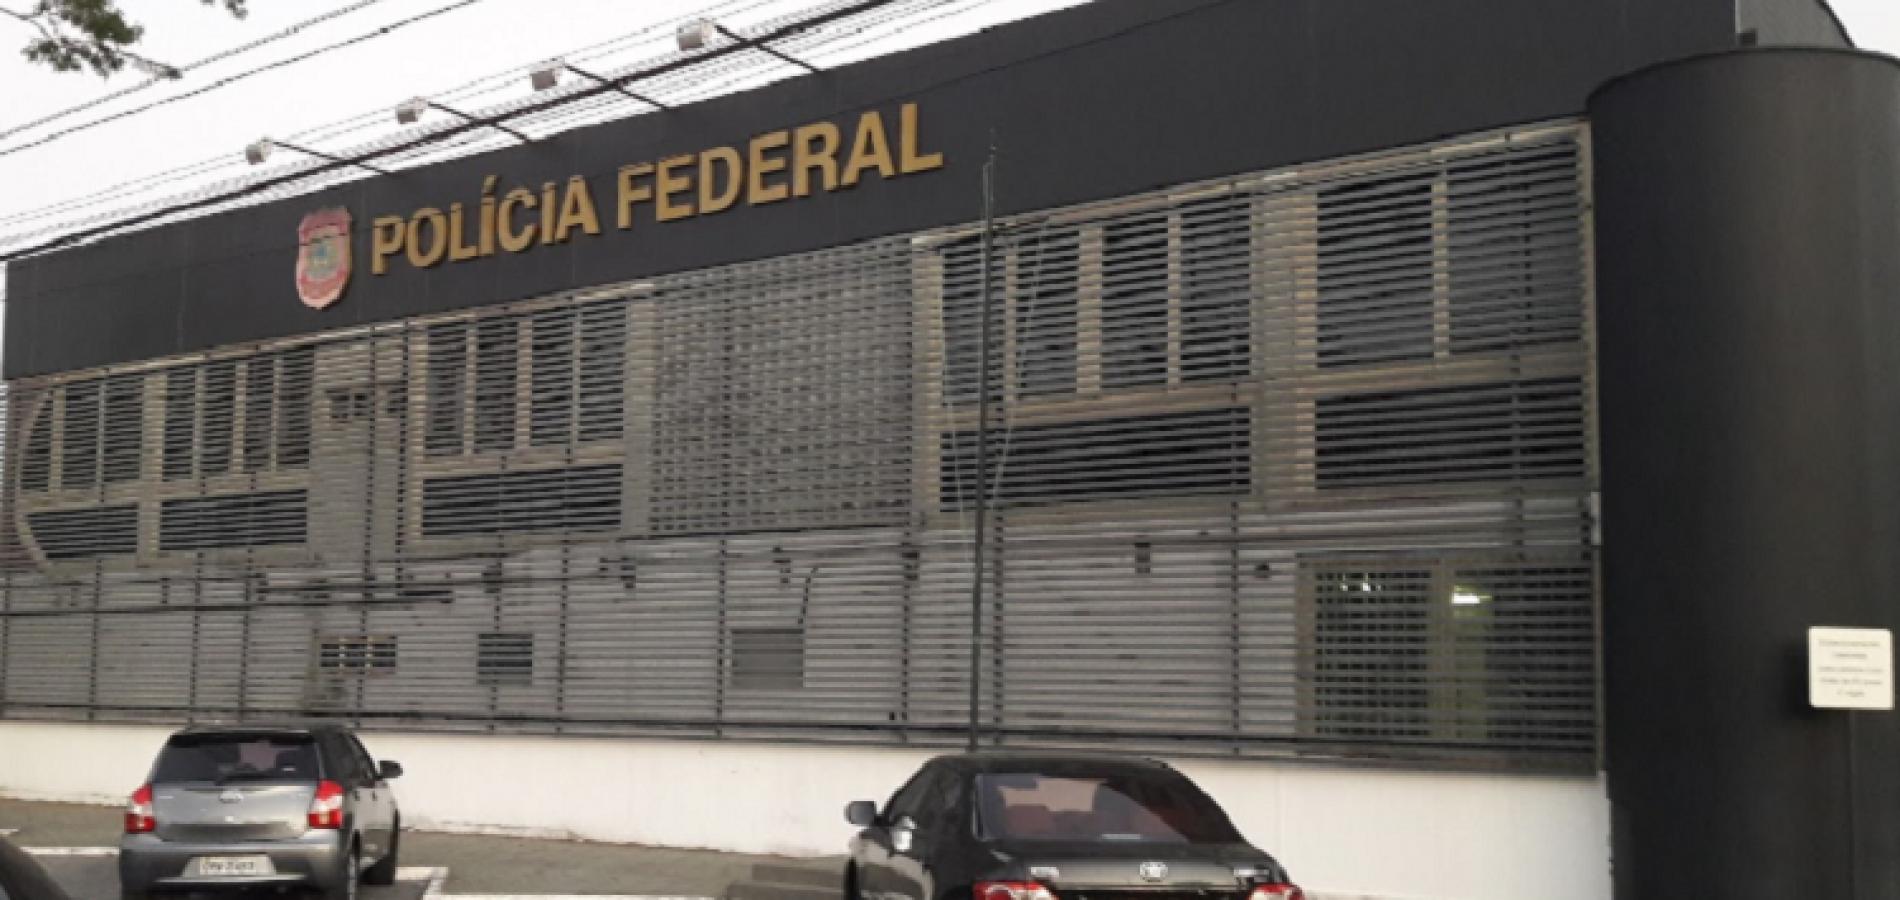 Juiz federal ouve 22 presos da operação Topique; um é liberado